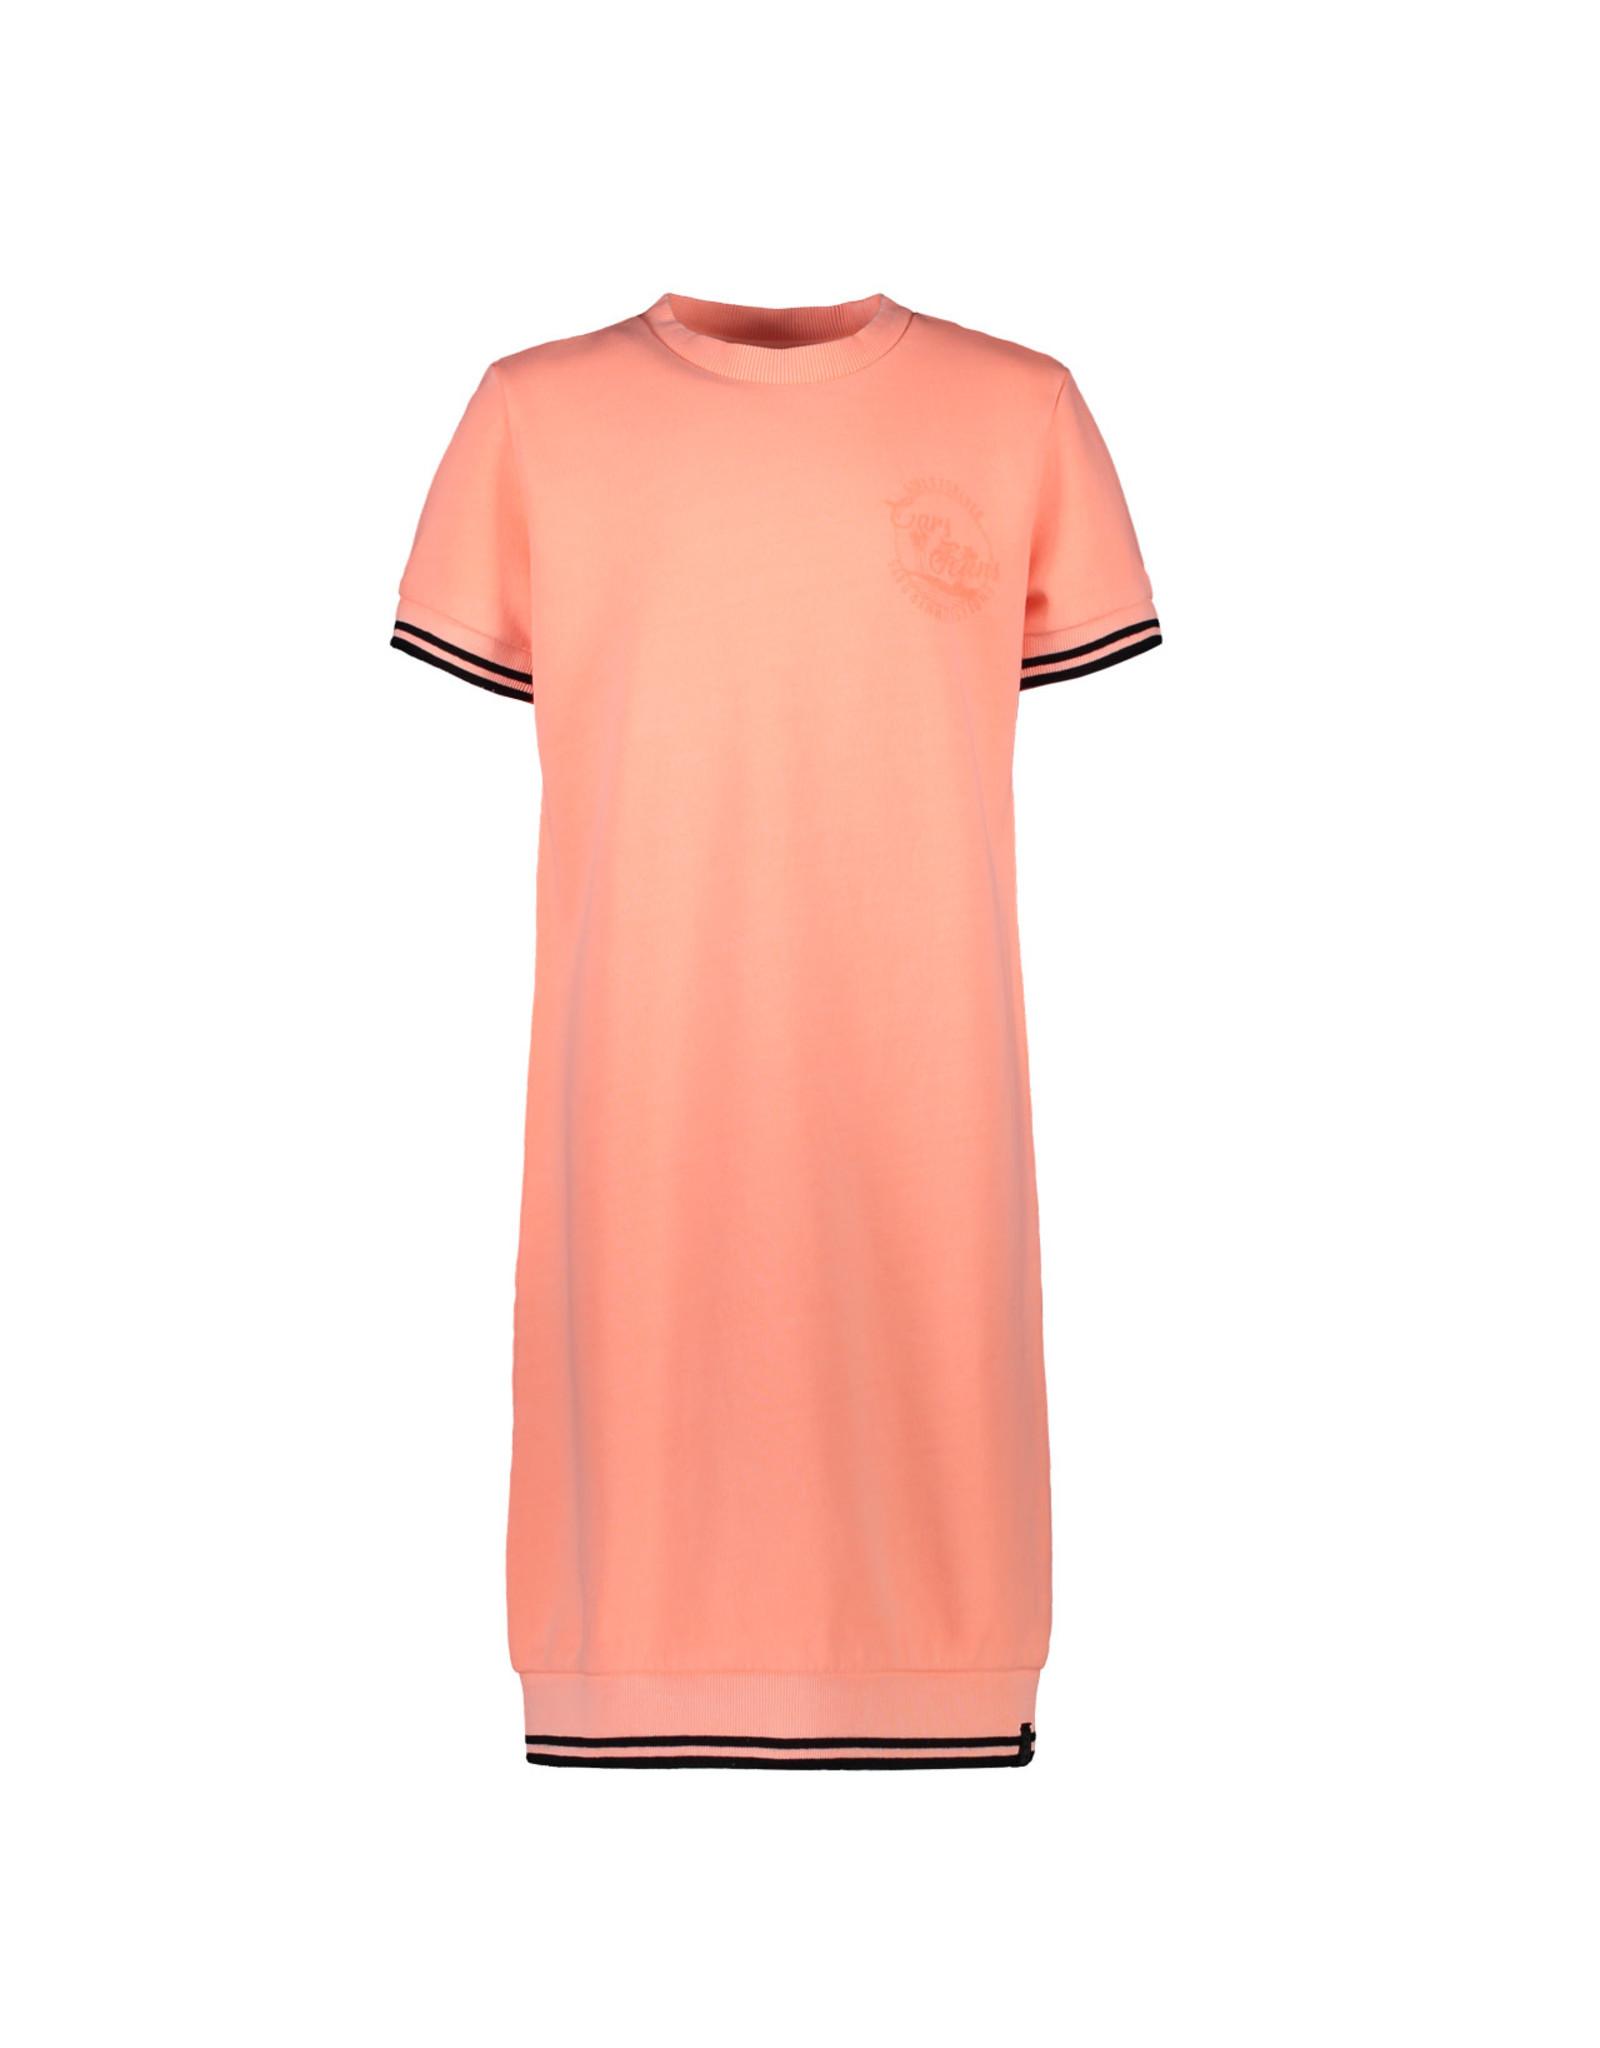 Cars Cars meisjes jurk Praisley Fluor Coral